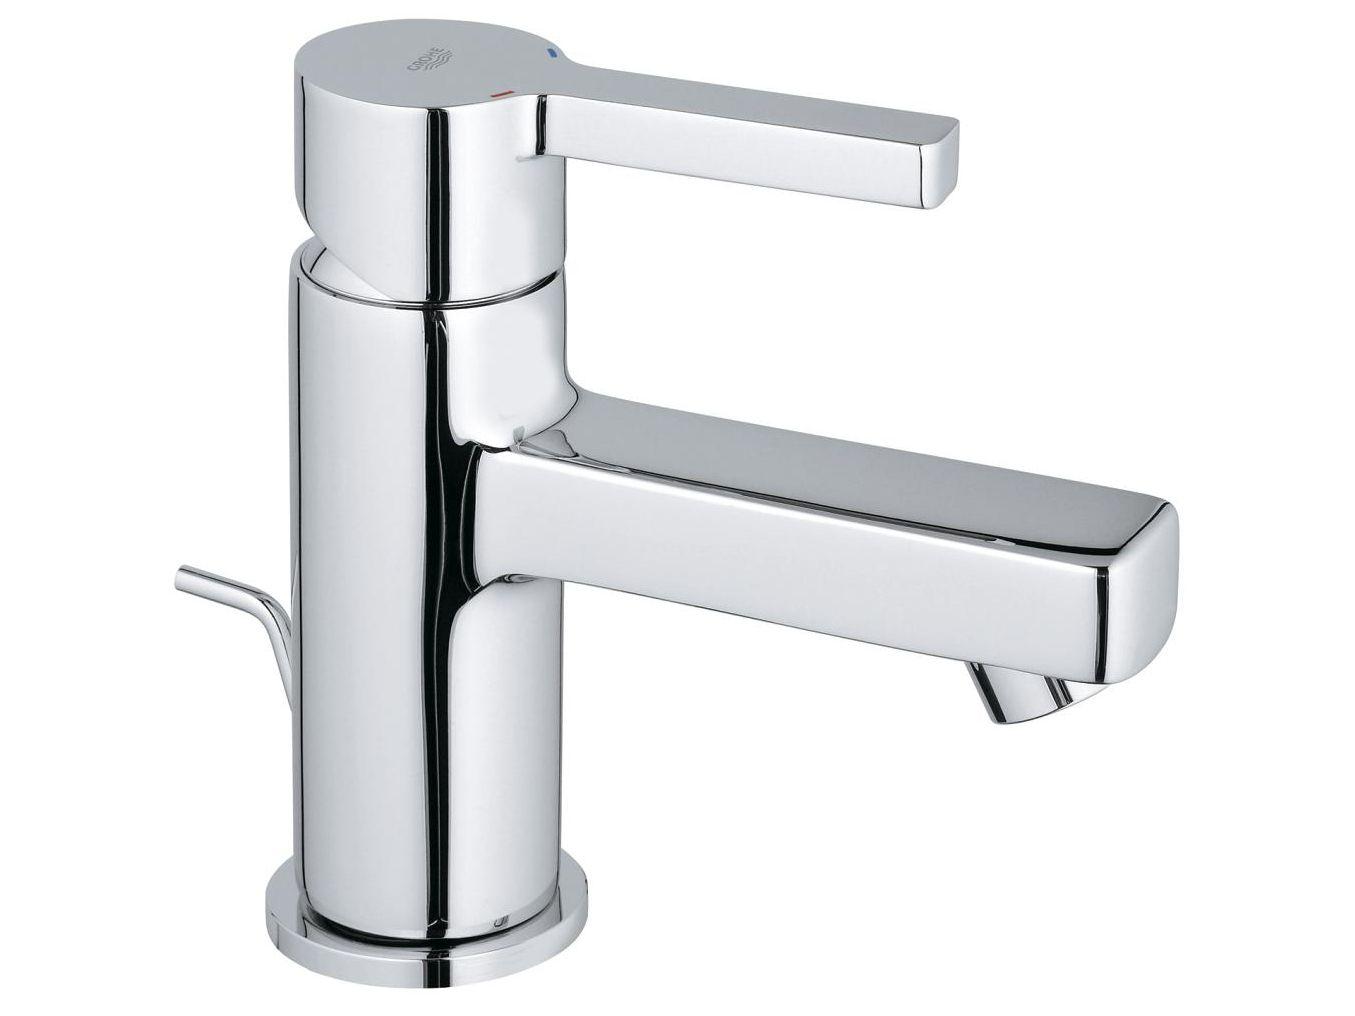 Lineare size xs miscelatore per lavabo collezione lineare by grohe